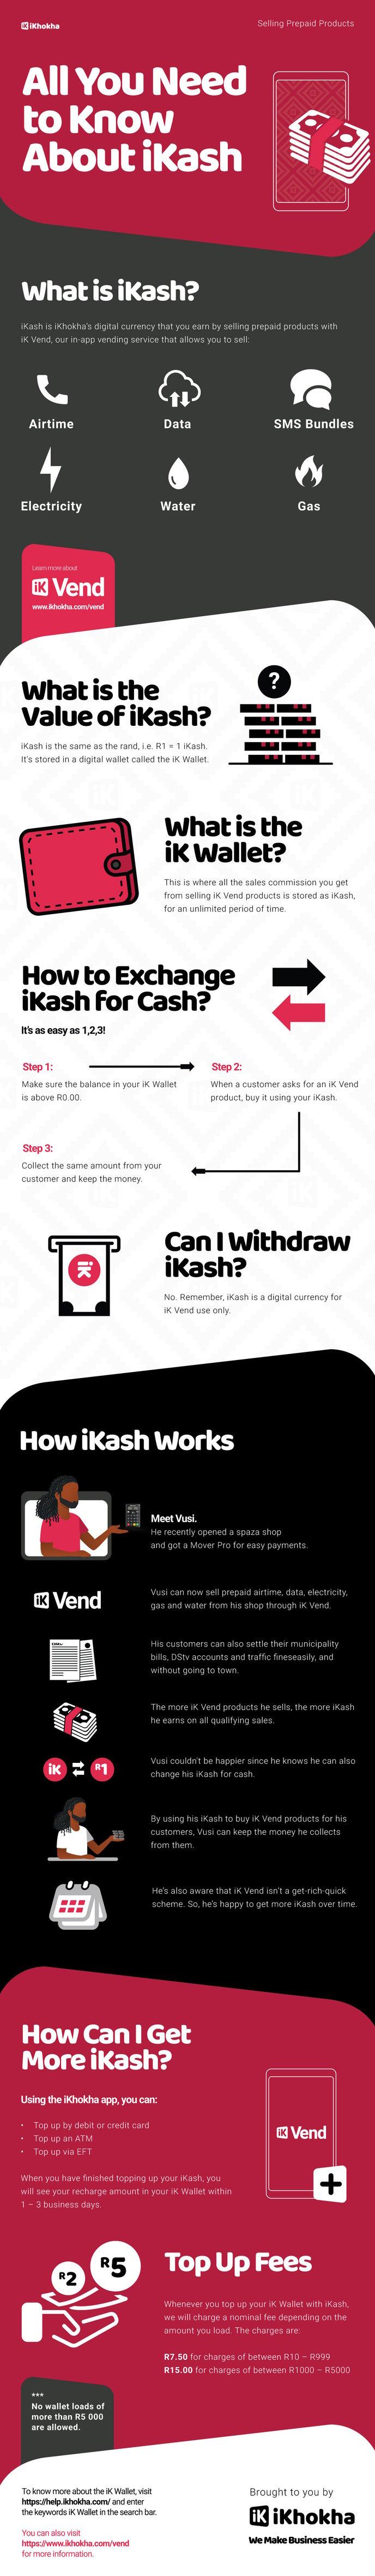 iKash-Infographic_September